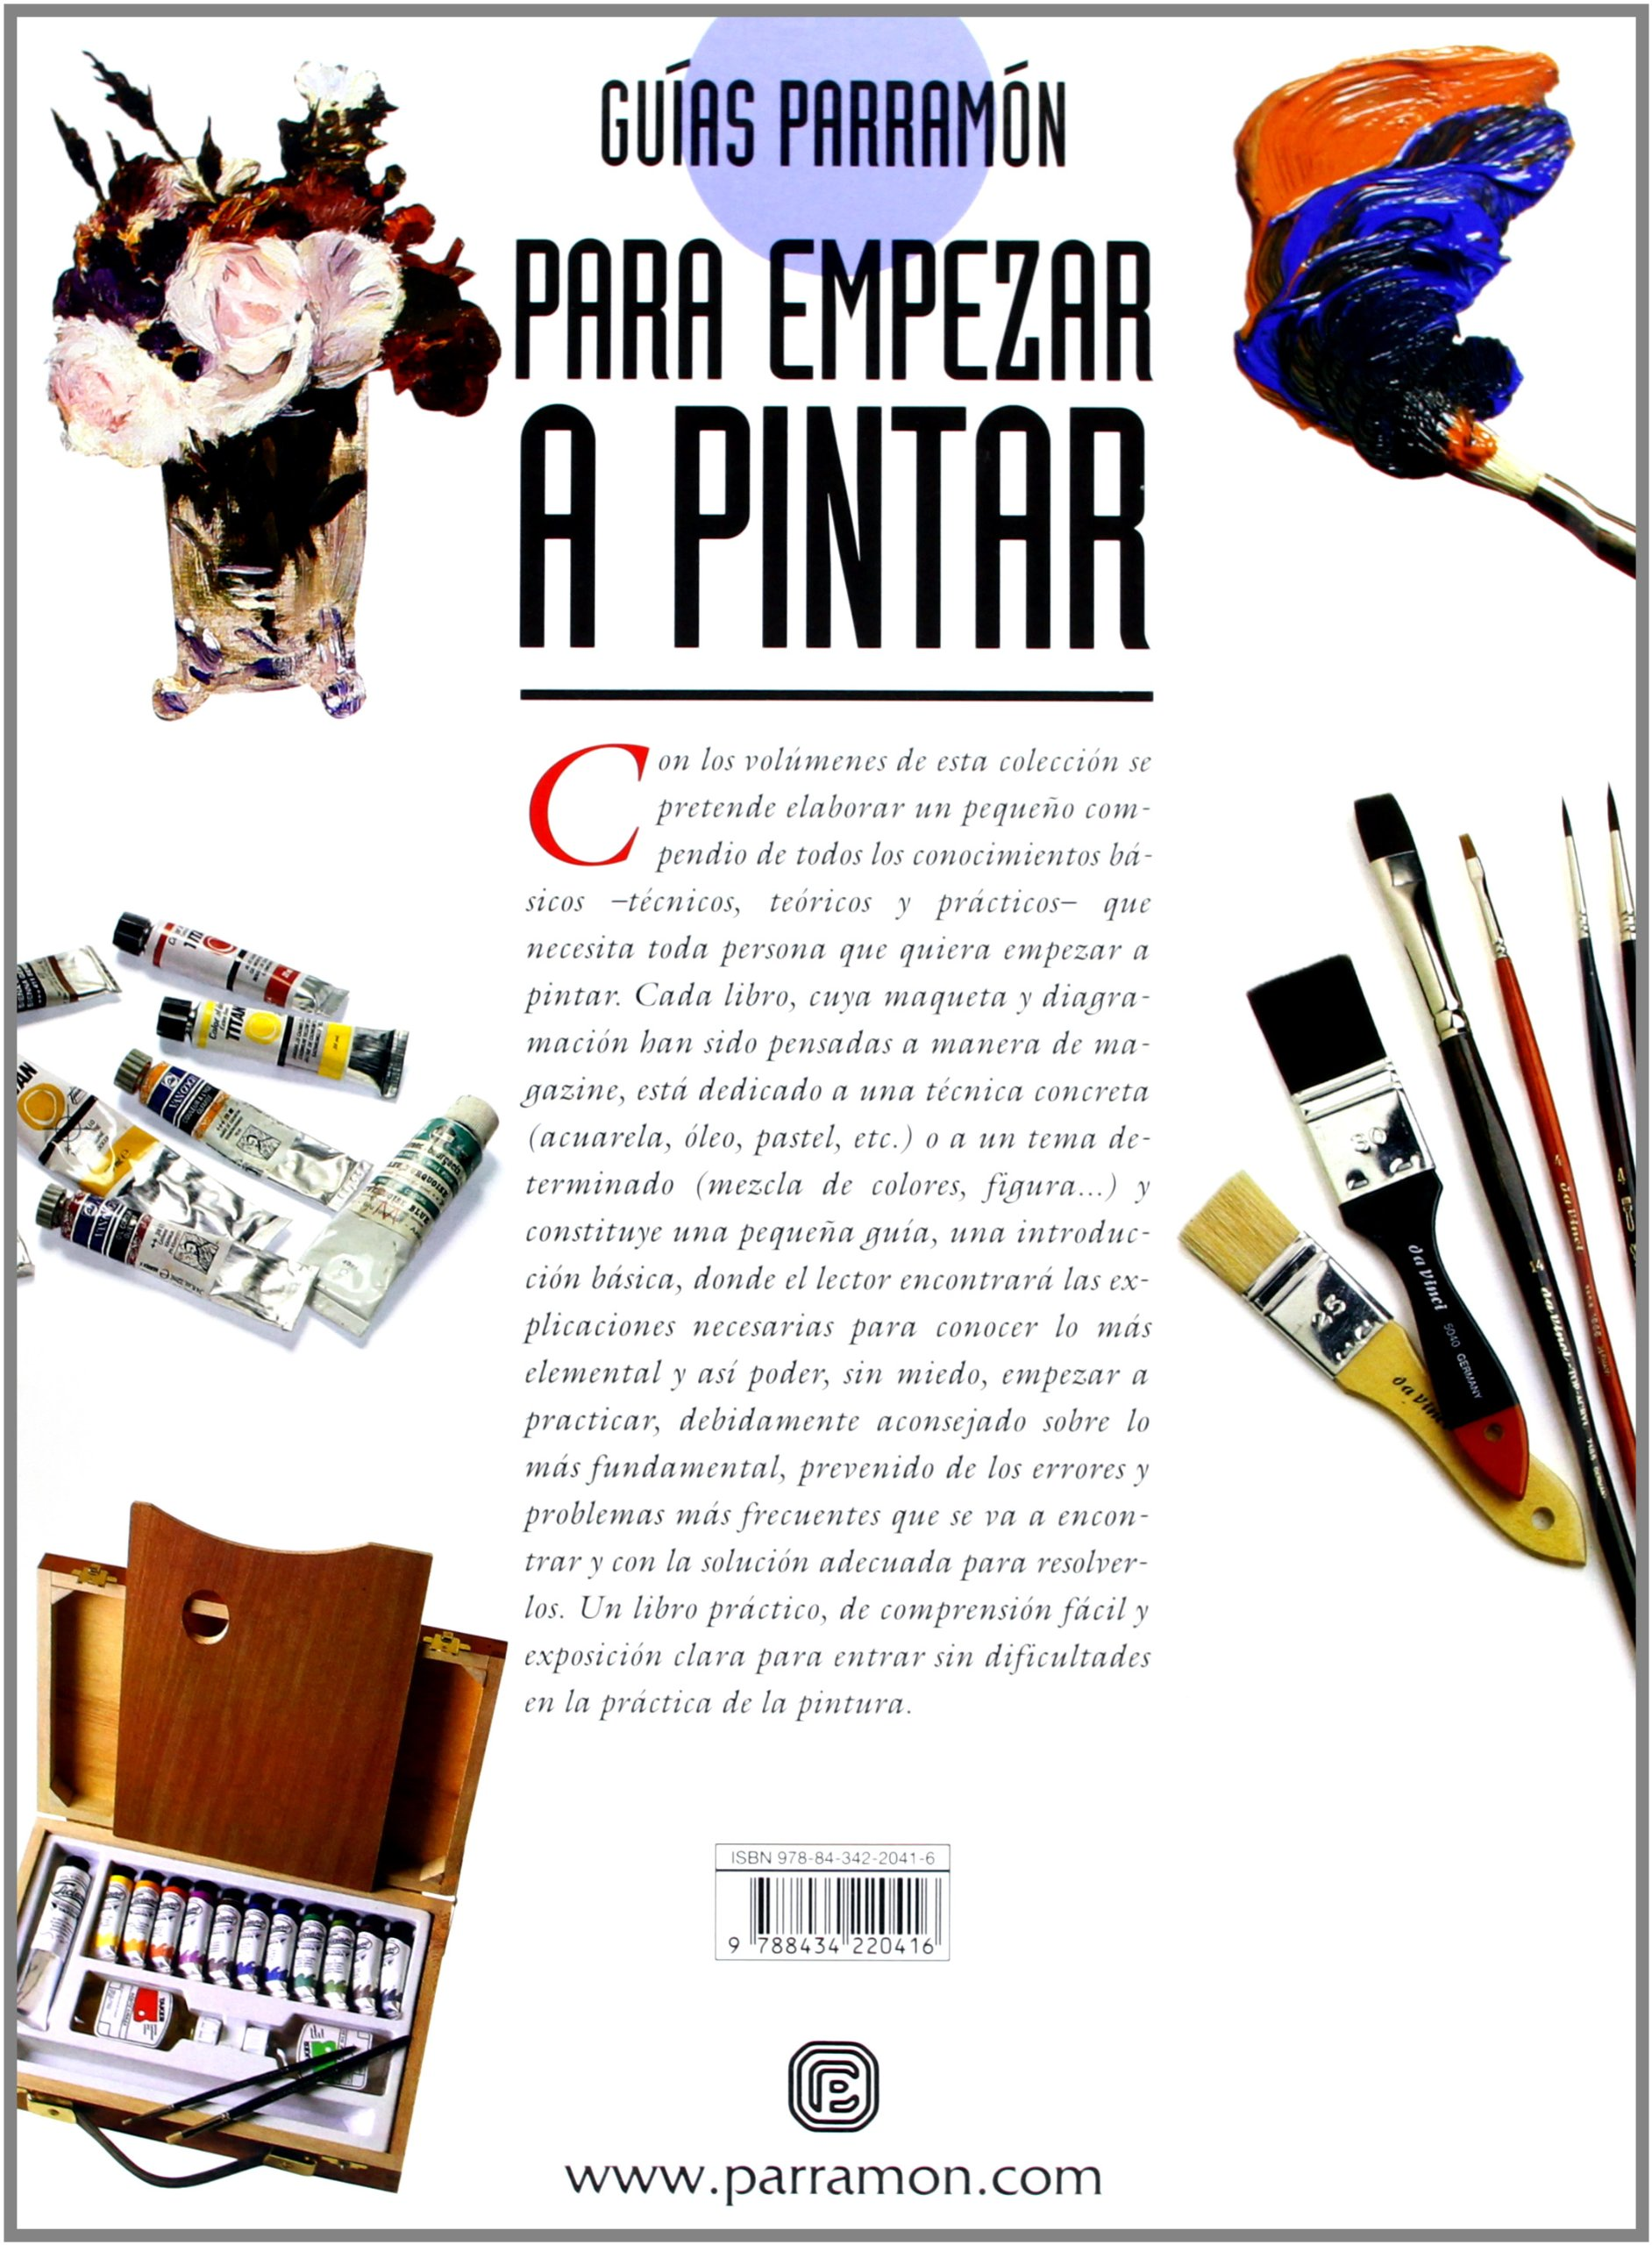 Guias parramon para empezar a pintar oleo (Spanish Edition ...